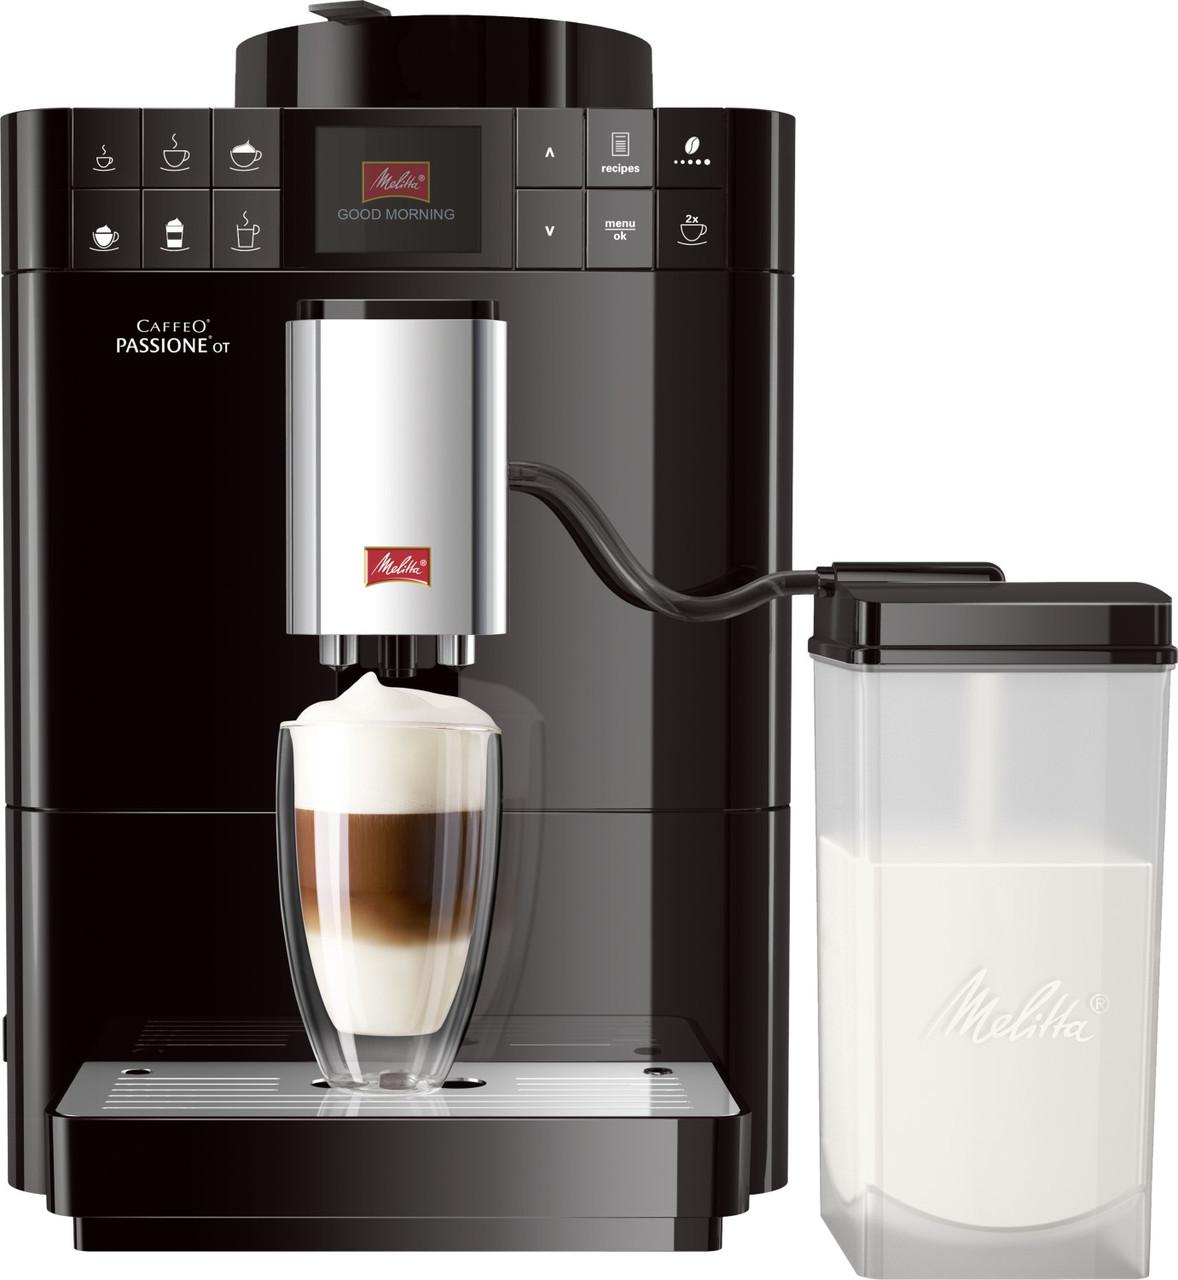 Кофемашина автоматическая Melitta CAFFEO Passione OT Black F53/1-102